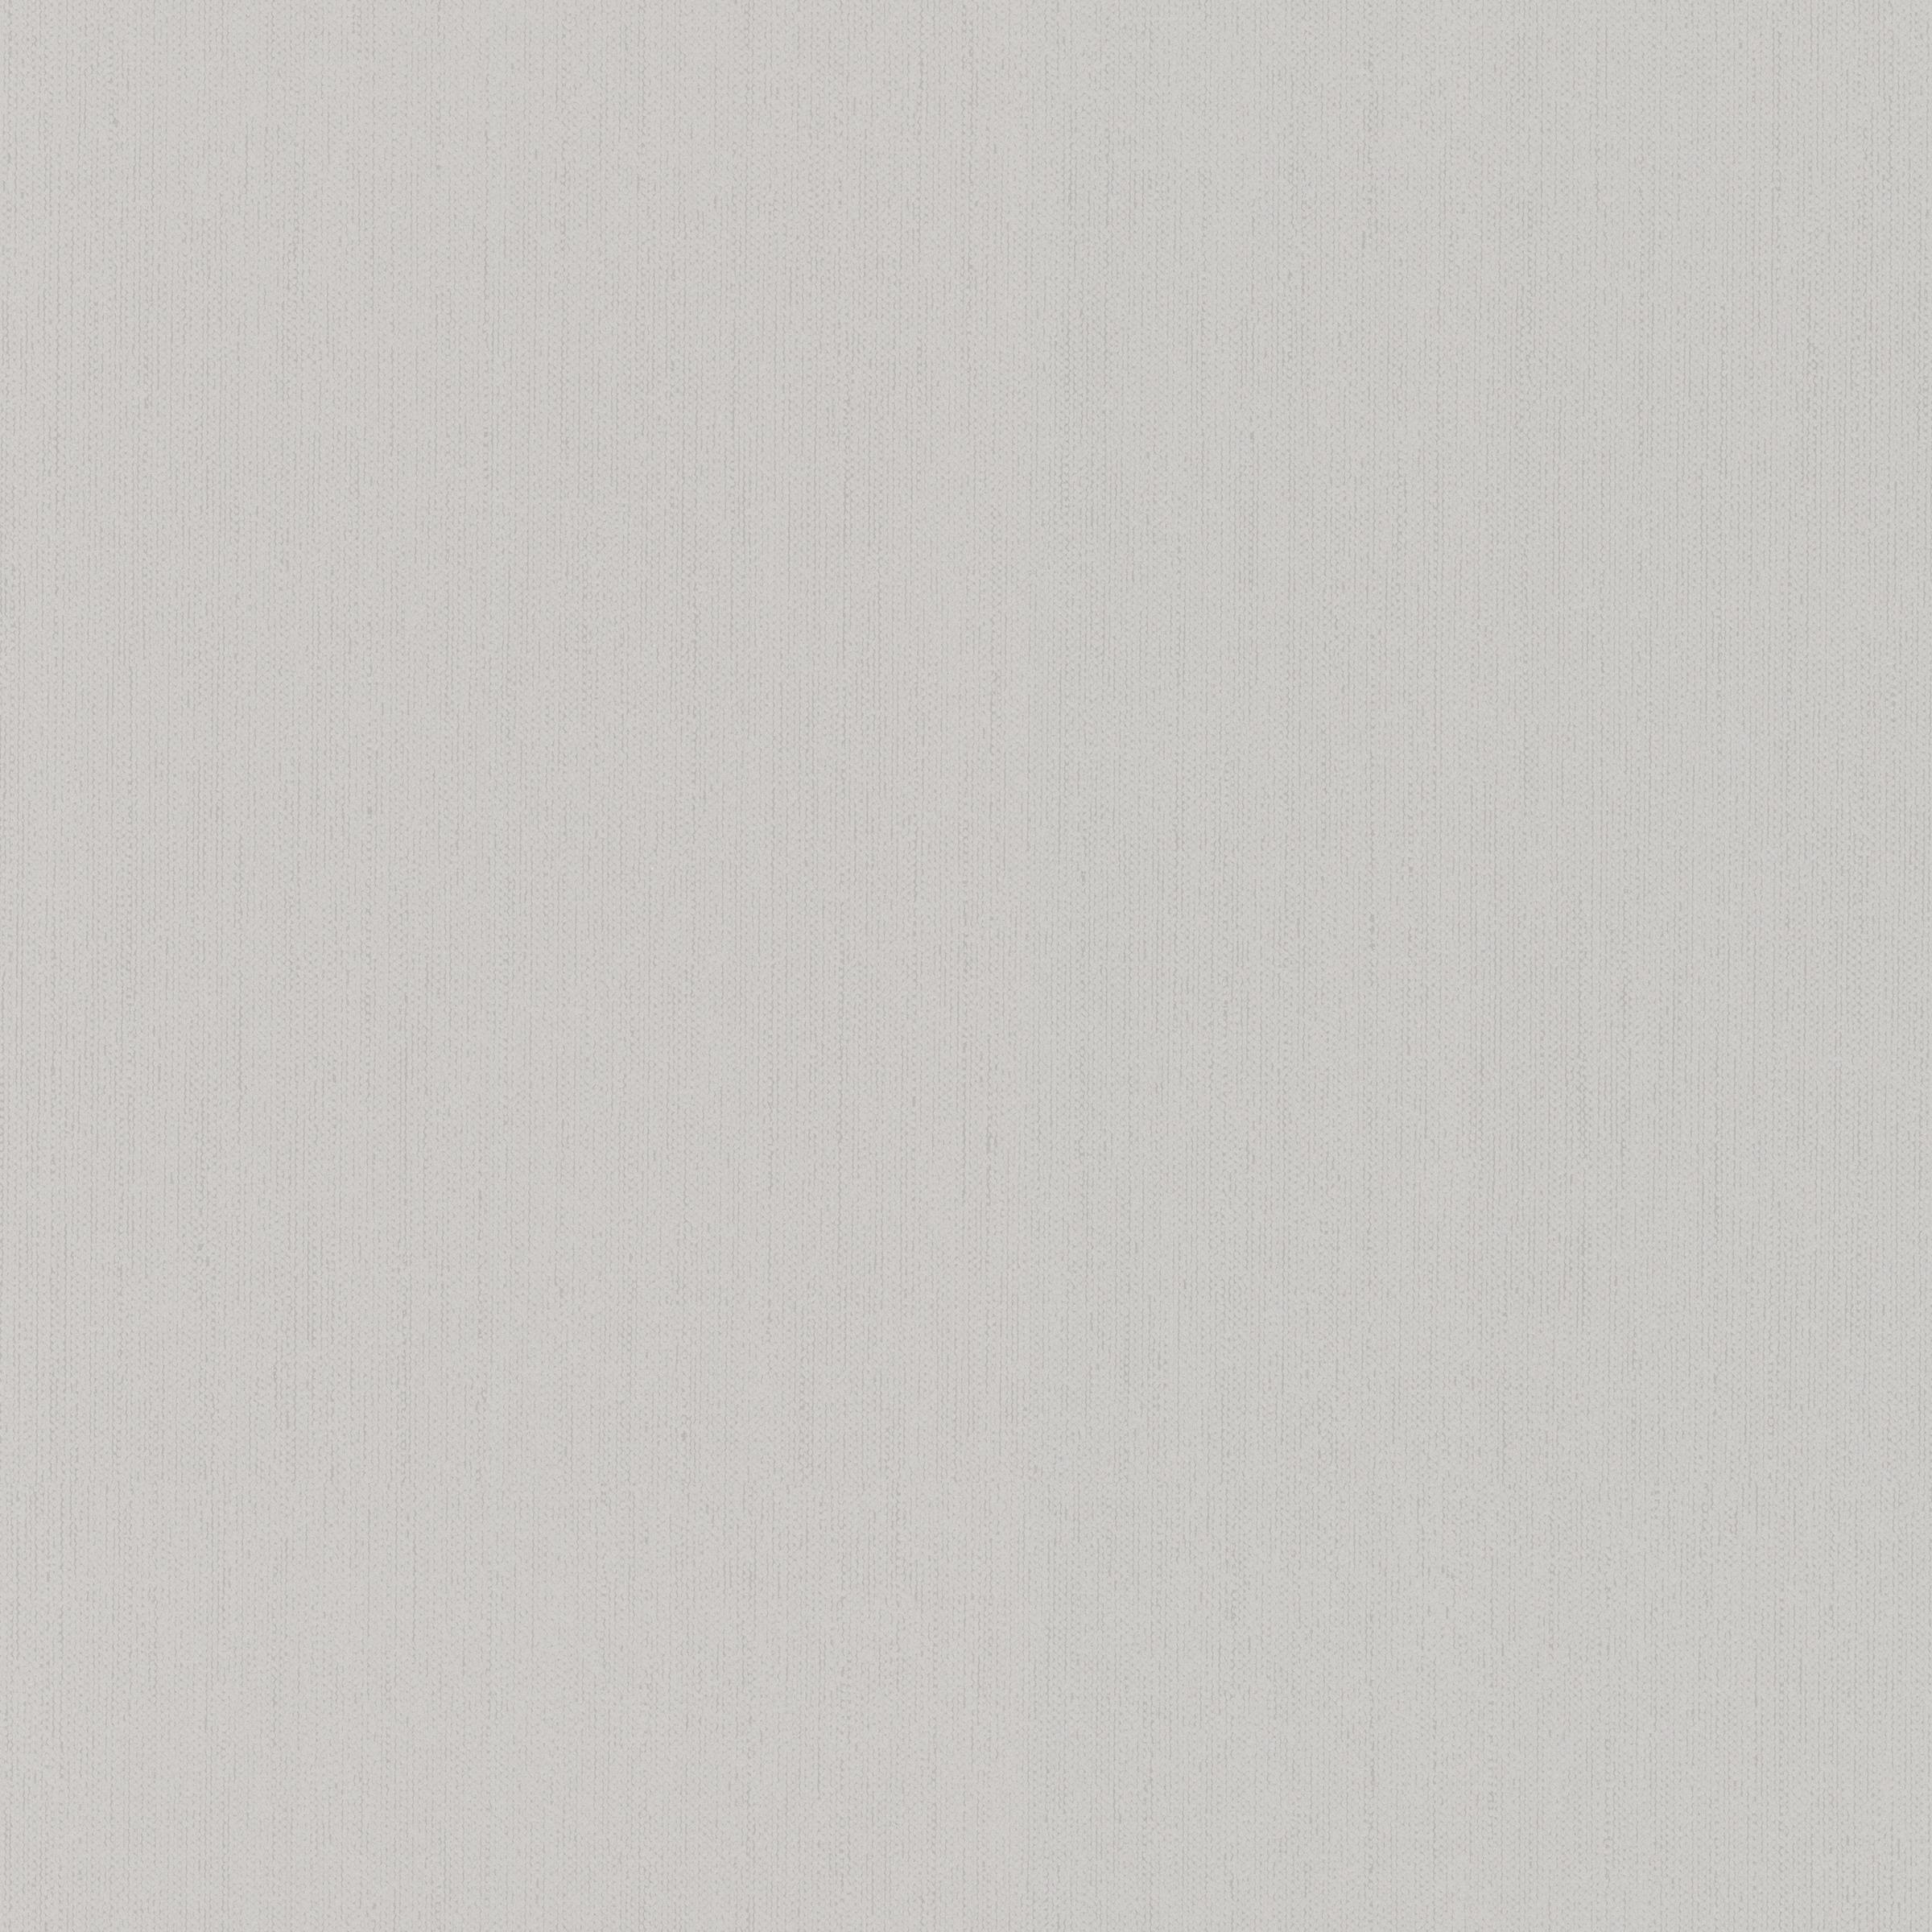 Superfresco easy gekleurd vliesbehang uni grijs 4078 90 10 m x 52 cm behang verf behang - Grijs gekleurd ...